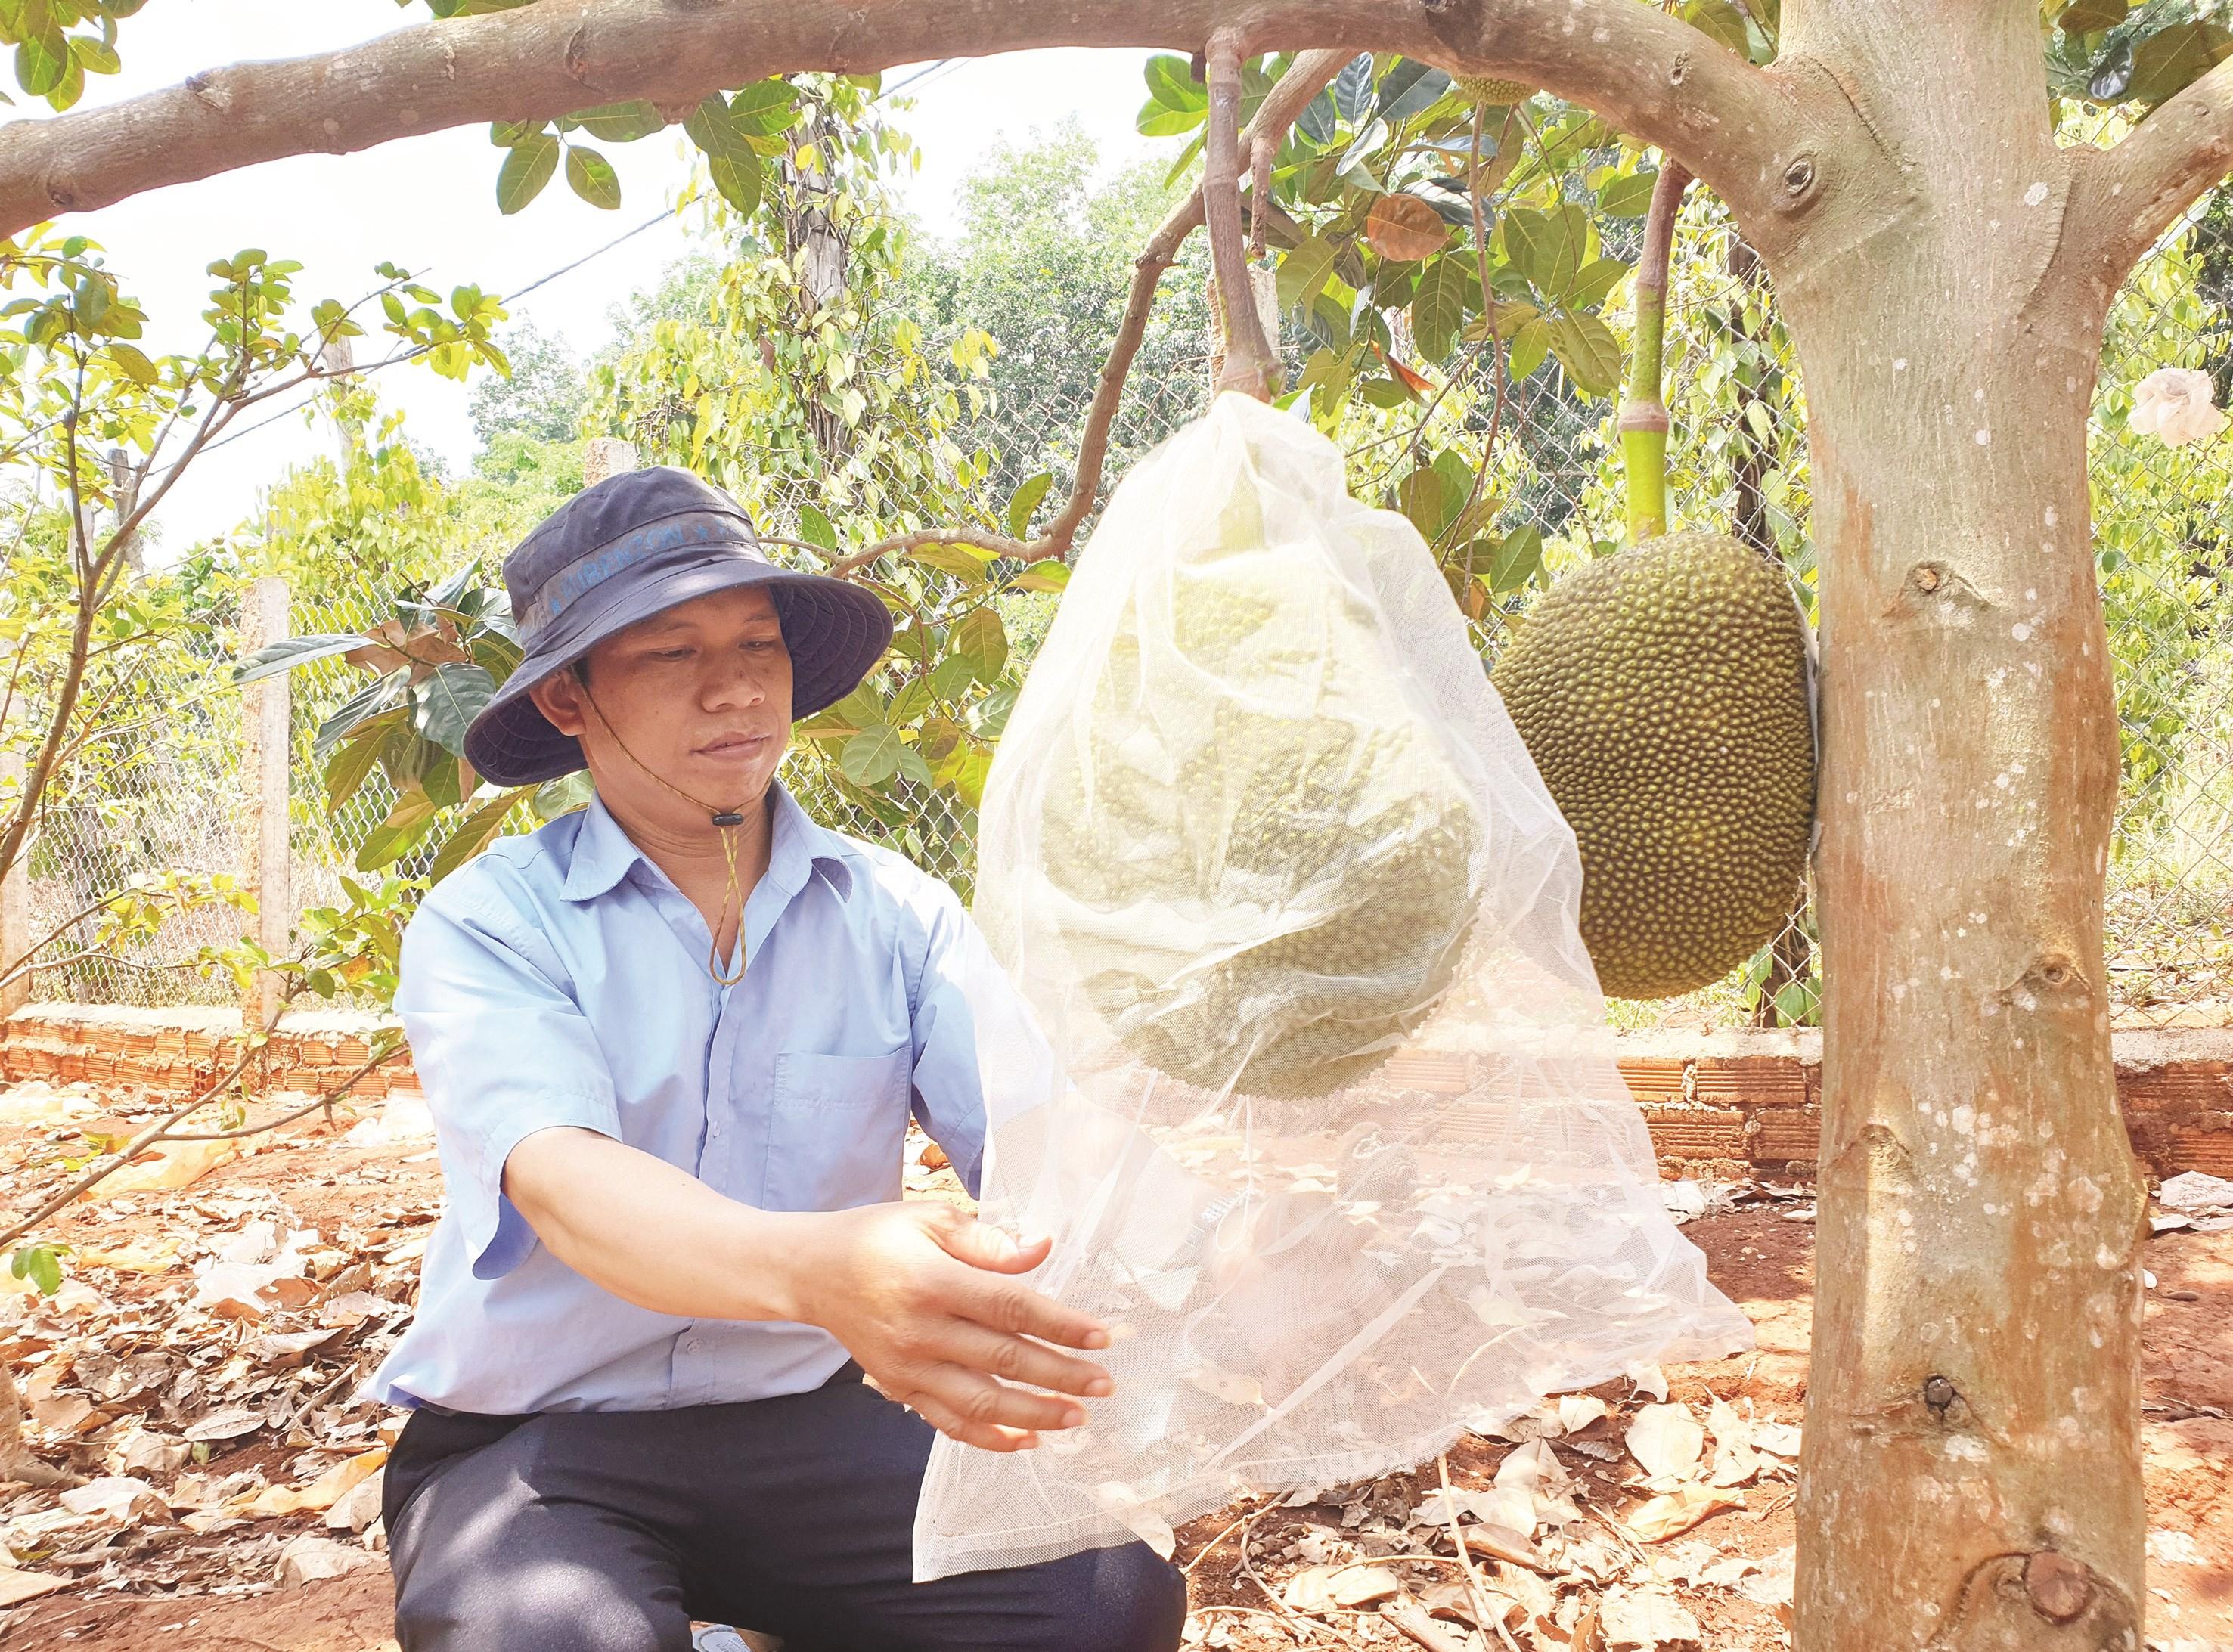 Với vườn cây ăn trái và thêm nguồn thu từ cây cao su, cà phê mỗi năm anh Kpă Meo mang về cho gia đình hơn 400 triệu đồng.